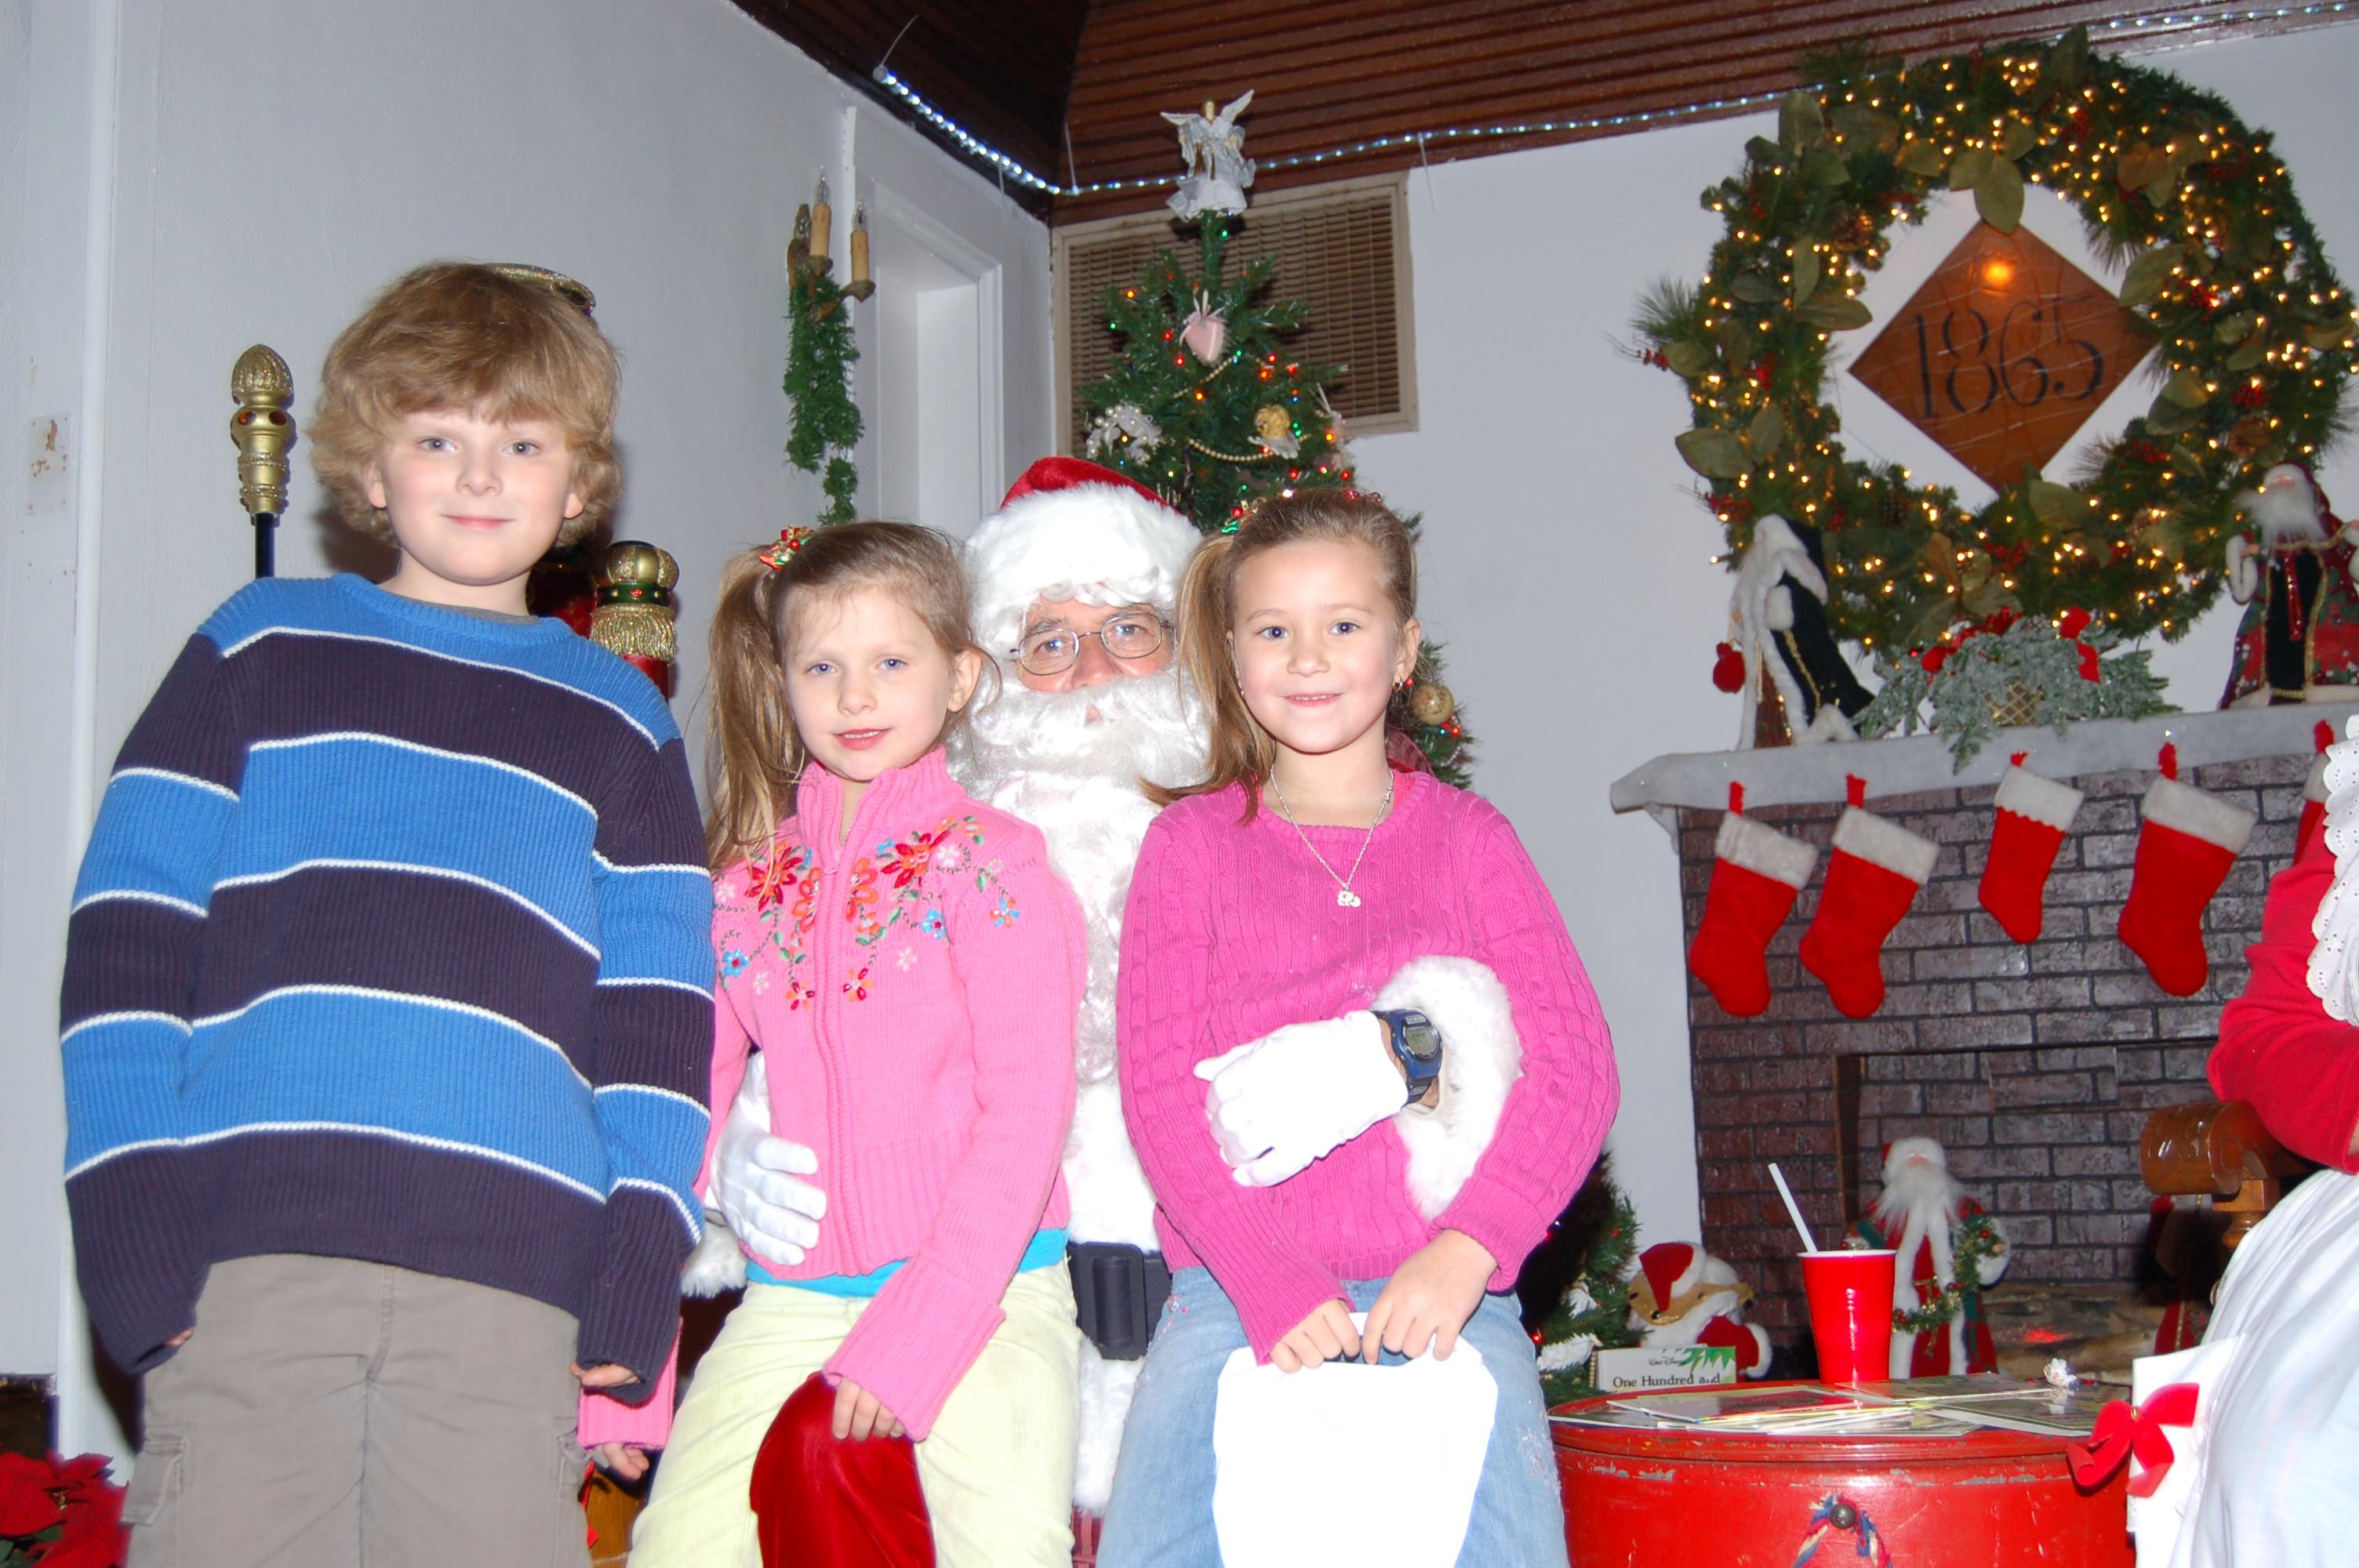 LolliPop+Lane+12-12-2008+Picture+044.jpg